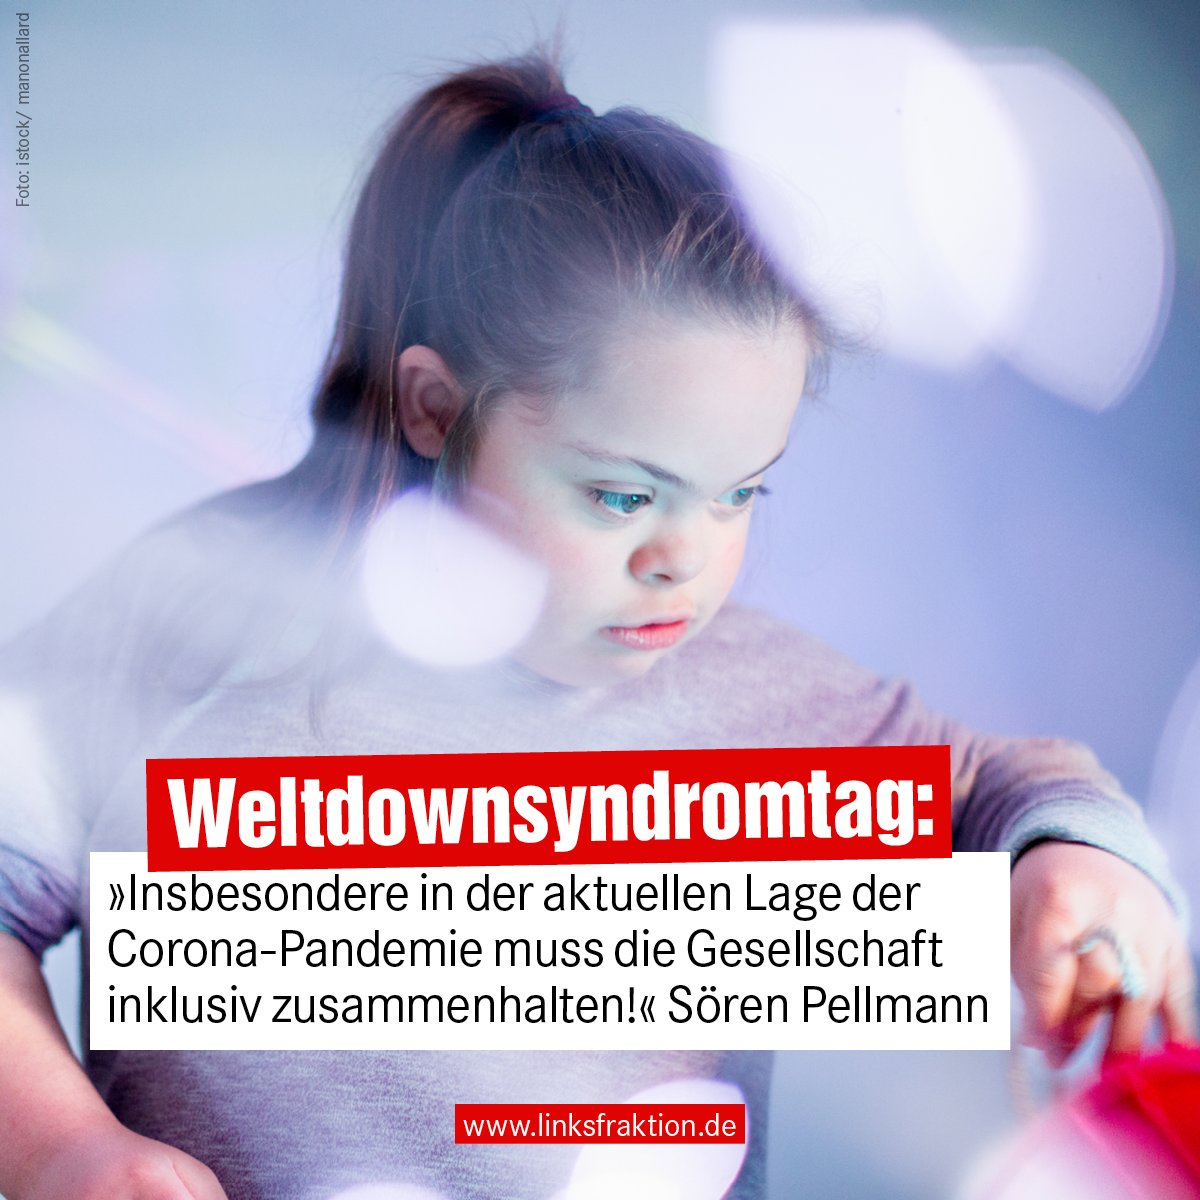 #weltdownsyndromtag